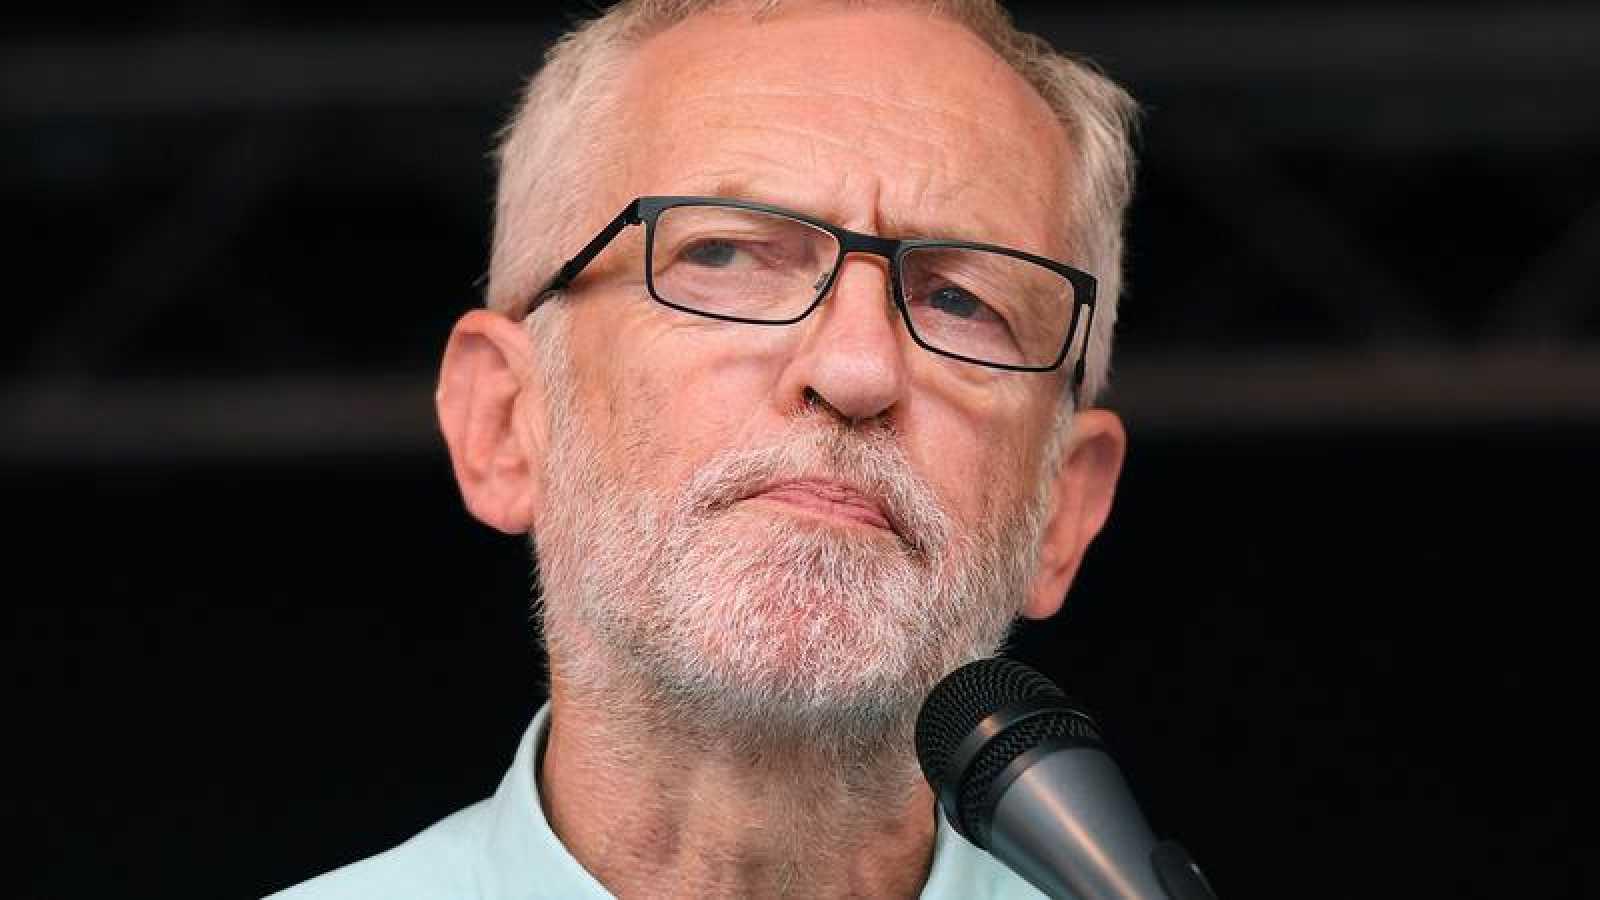 El líder laborista británico Jeremy Corbyn